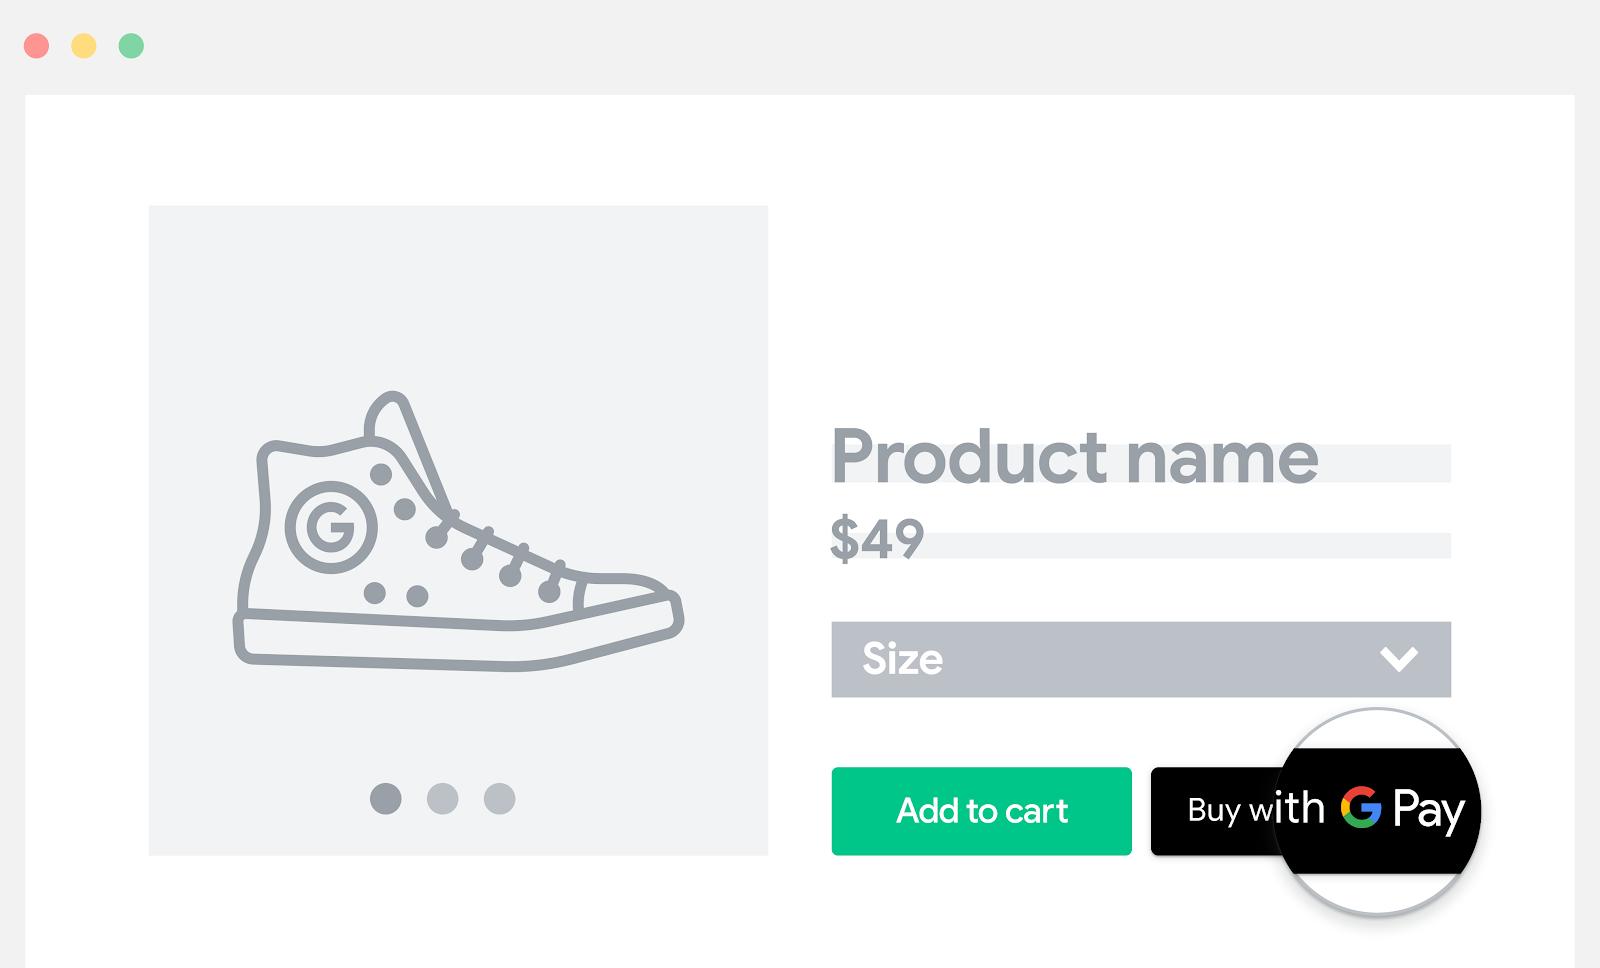 将 Google Pay 添加到商品页面中。